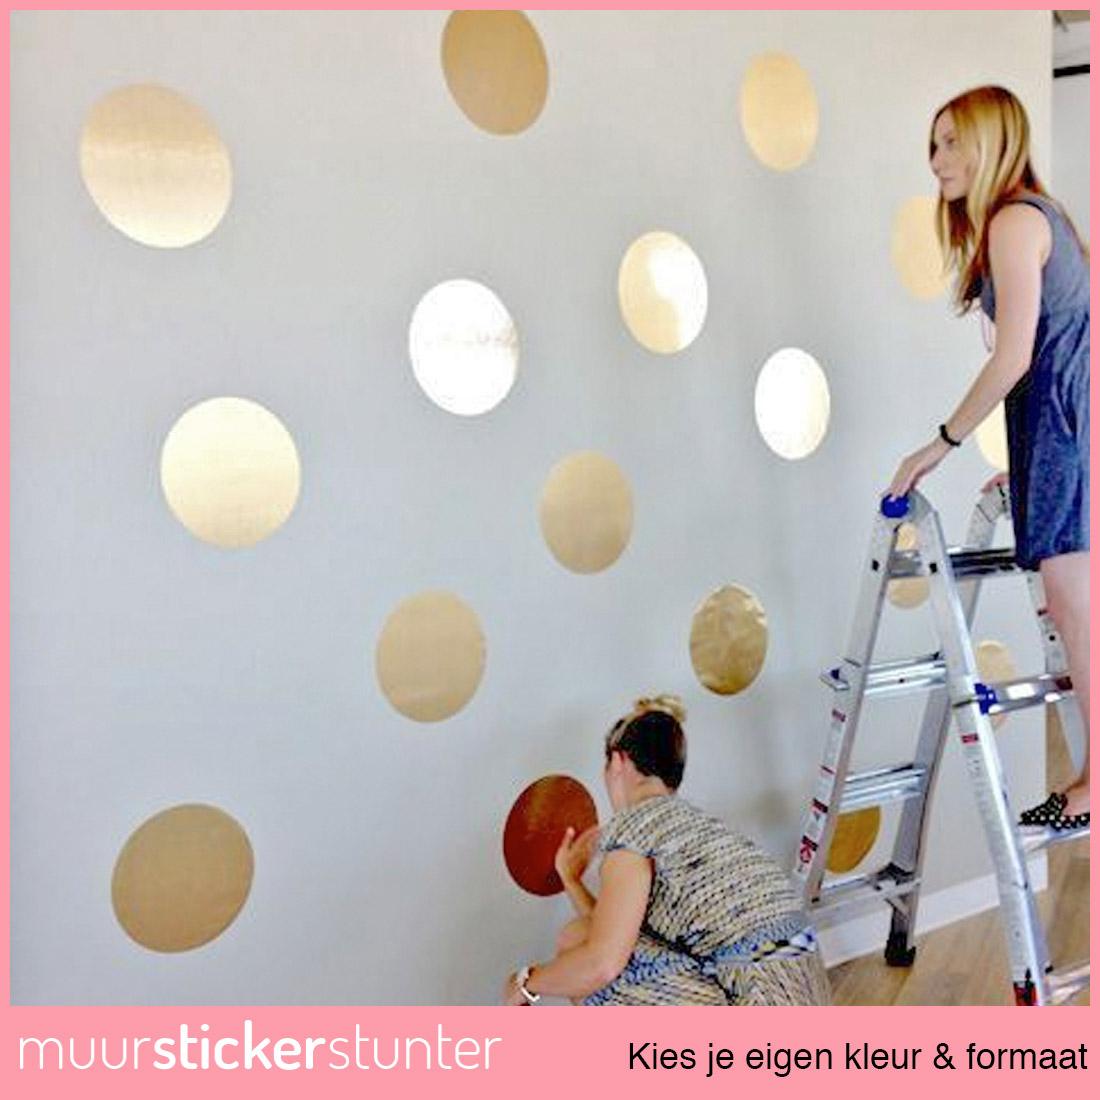 woonkamer muurstickers en teksten al vanaf €9,95 - muurstickerstunter, Deco ideeën